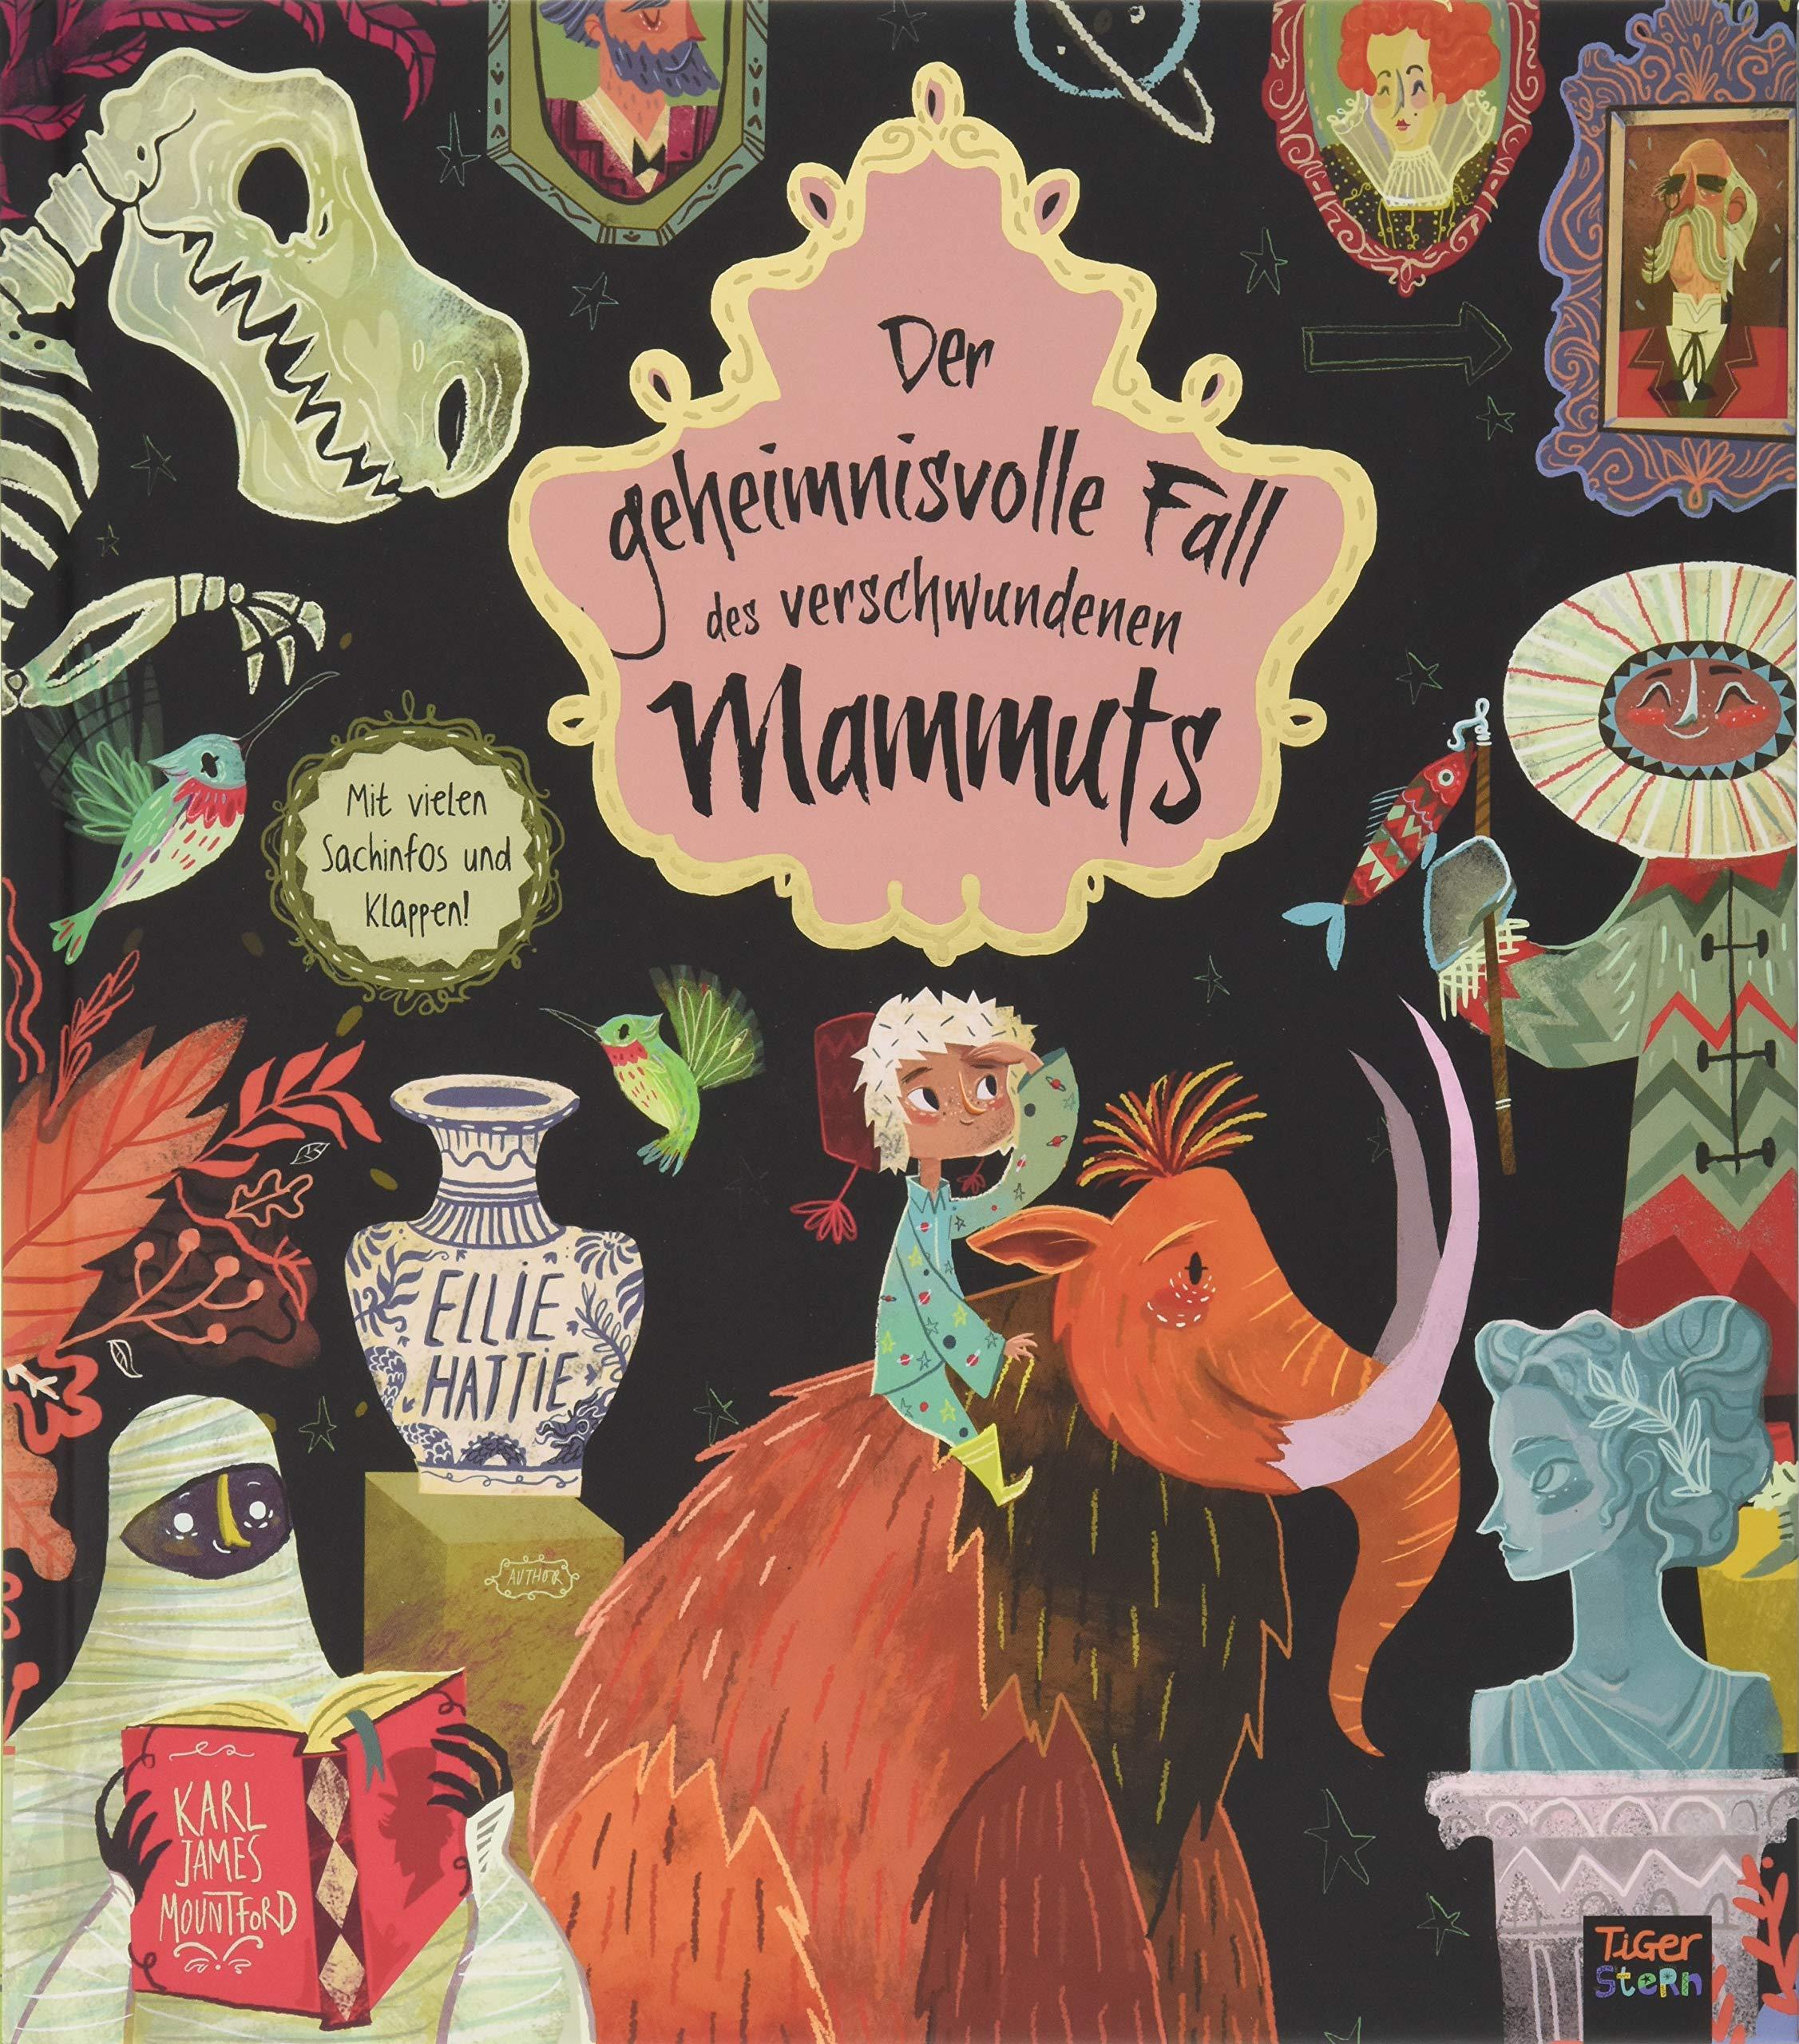 Der geheimnisvolle Fall des verschwundenen Mammuts